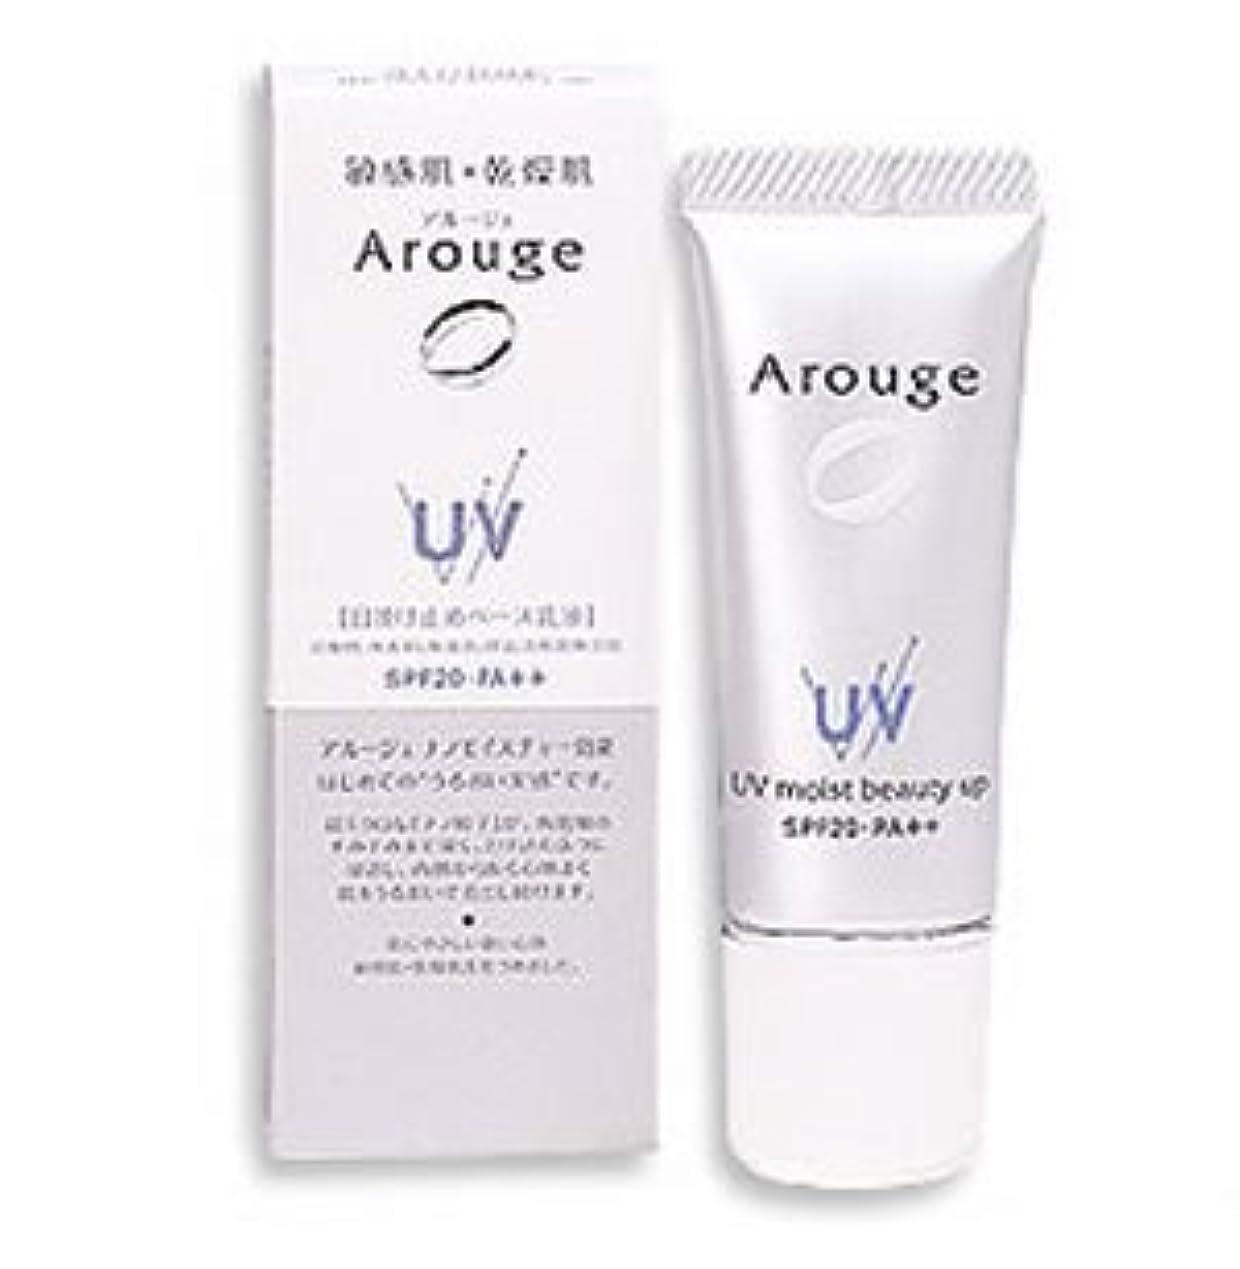 支配する炭水化物シュガーアルージェ UVモイストビューティーアップ25g